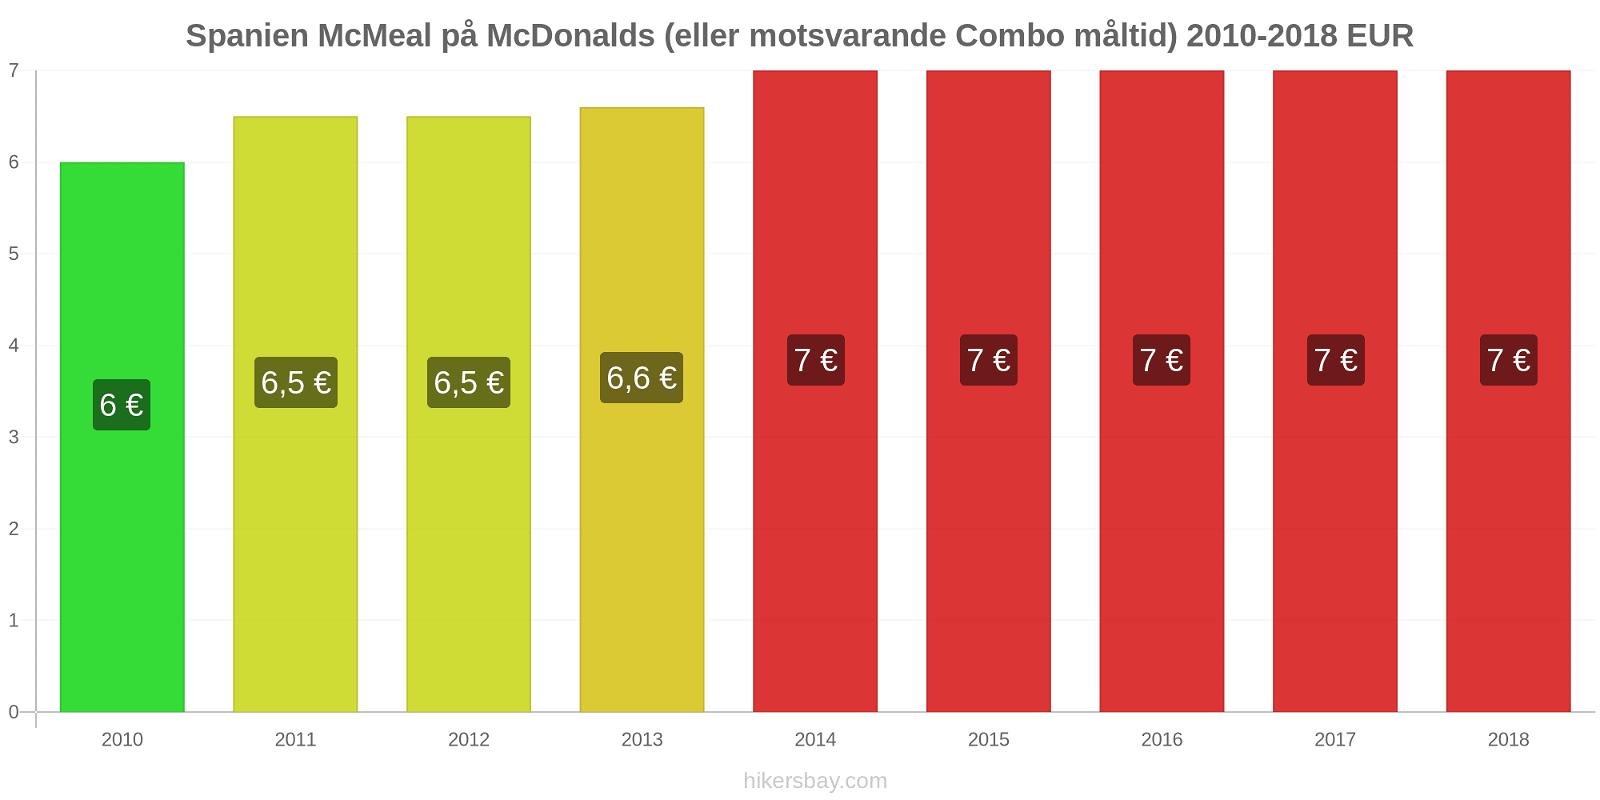 Spanien prisförändringar McMeal på McDonalds (eller motsvarande Combo måltid) hikersbay.com